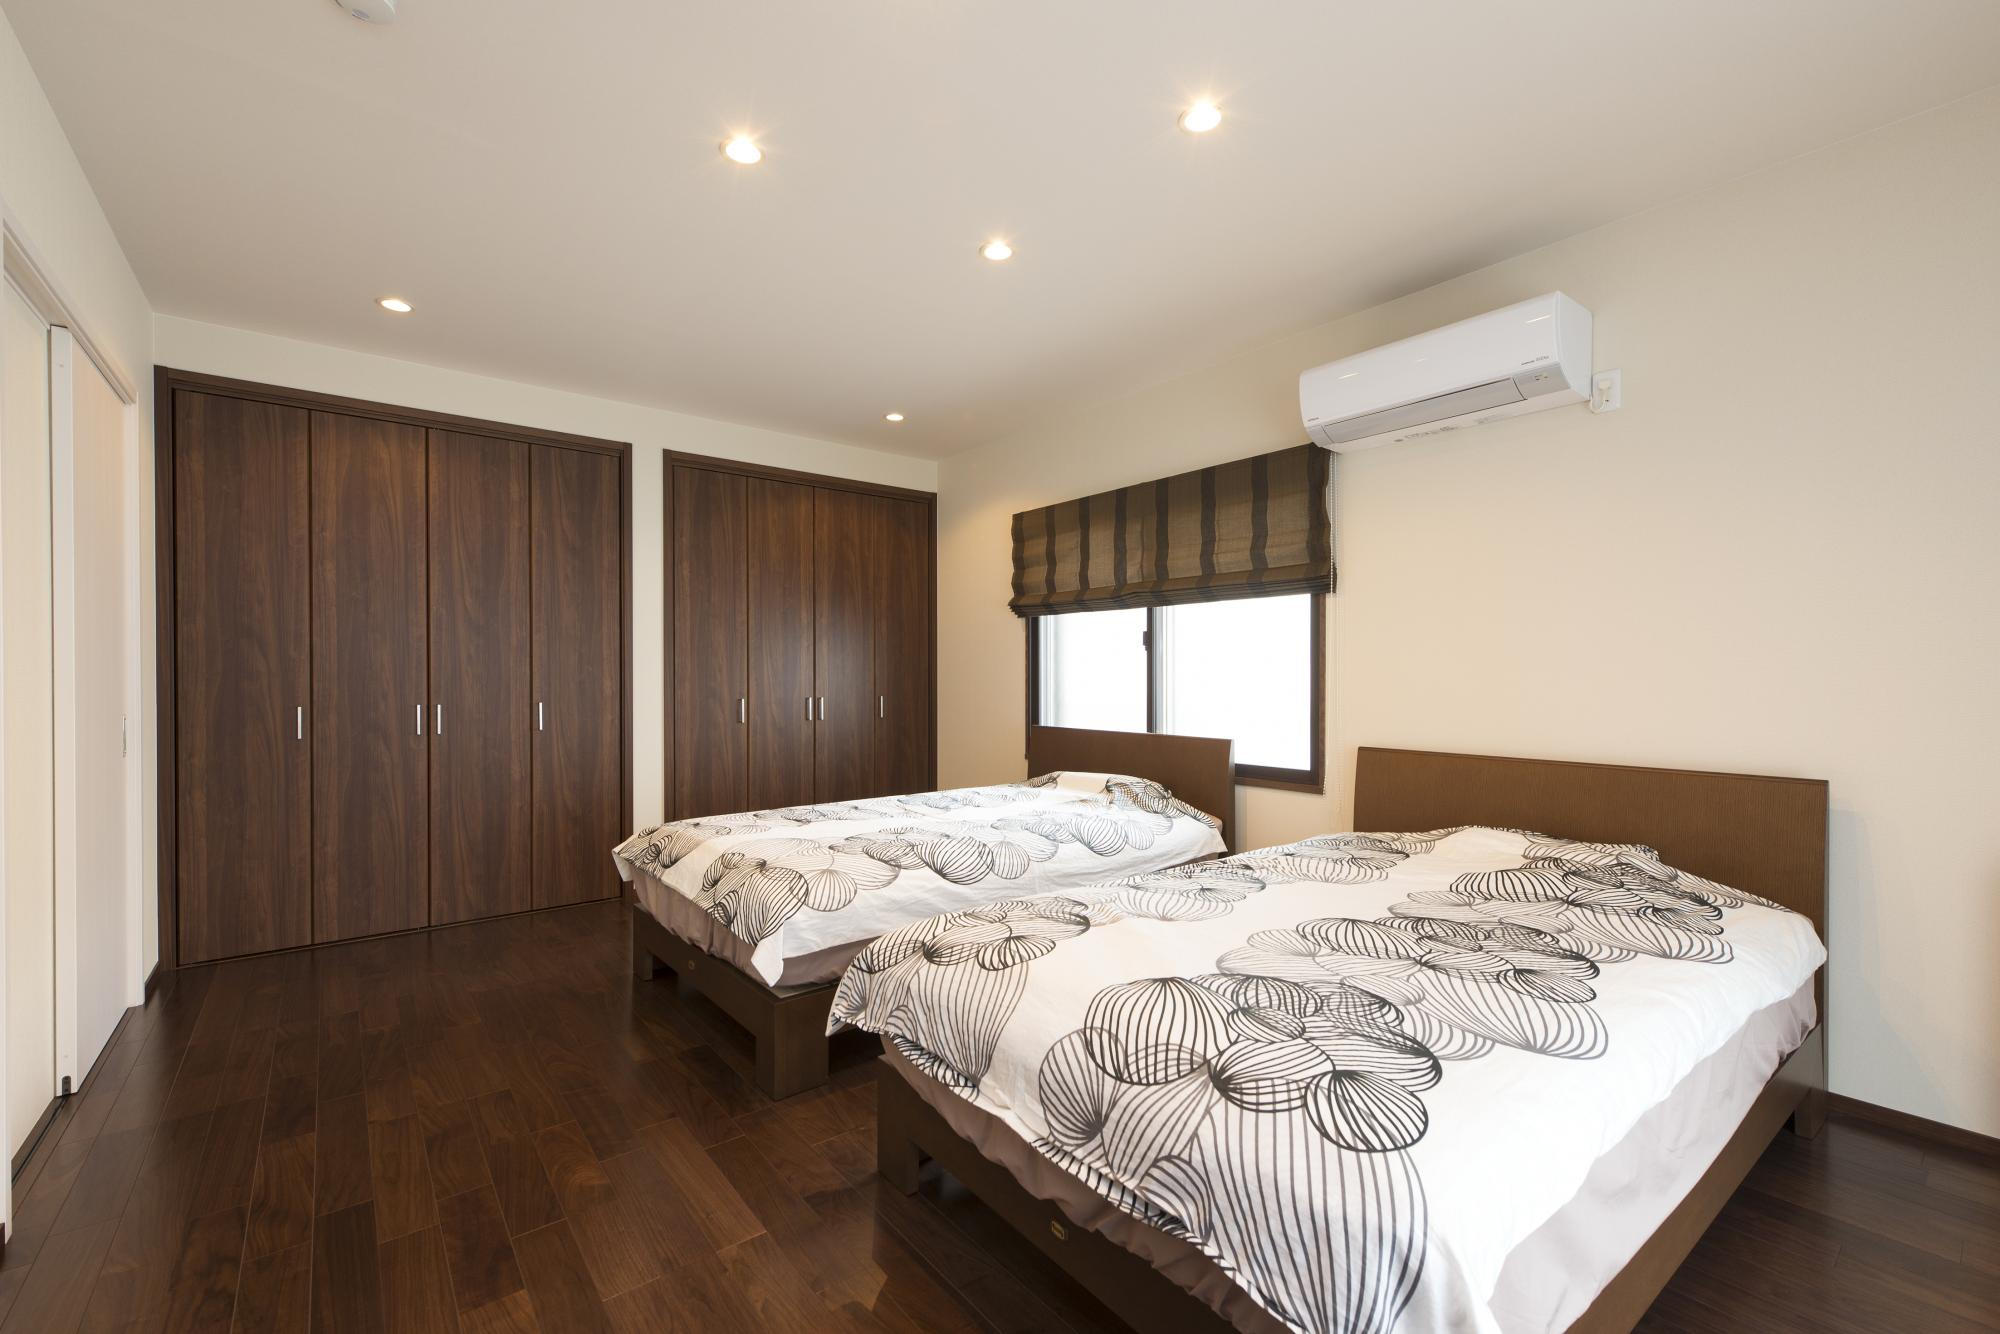 2階の二部屋と納戸をひとつにして、ゆったりとした寝室とご夫婦それぞれの専用の壁面収納を設けた。